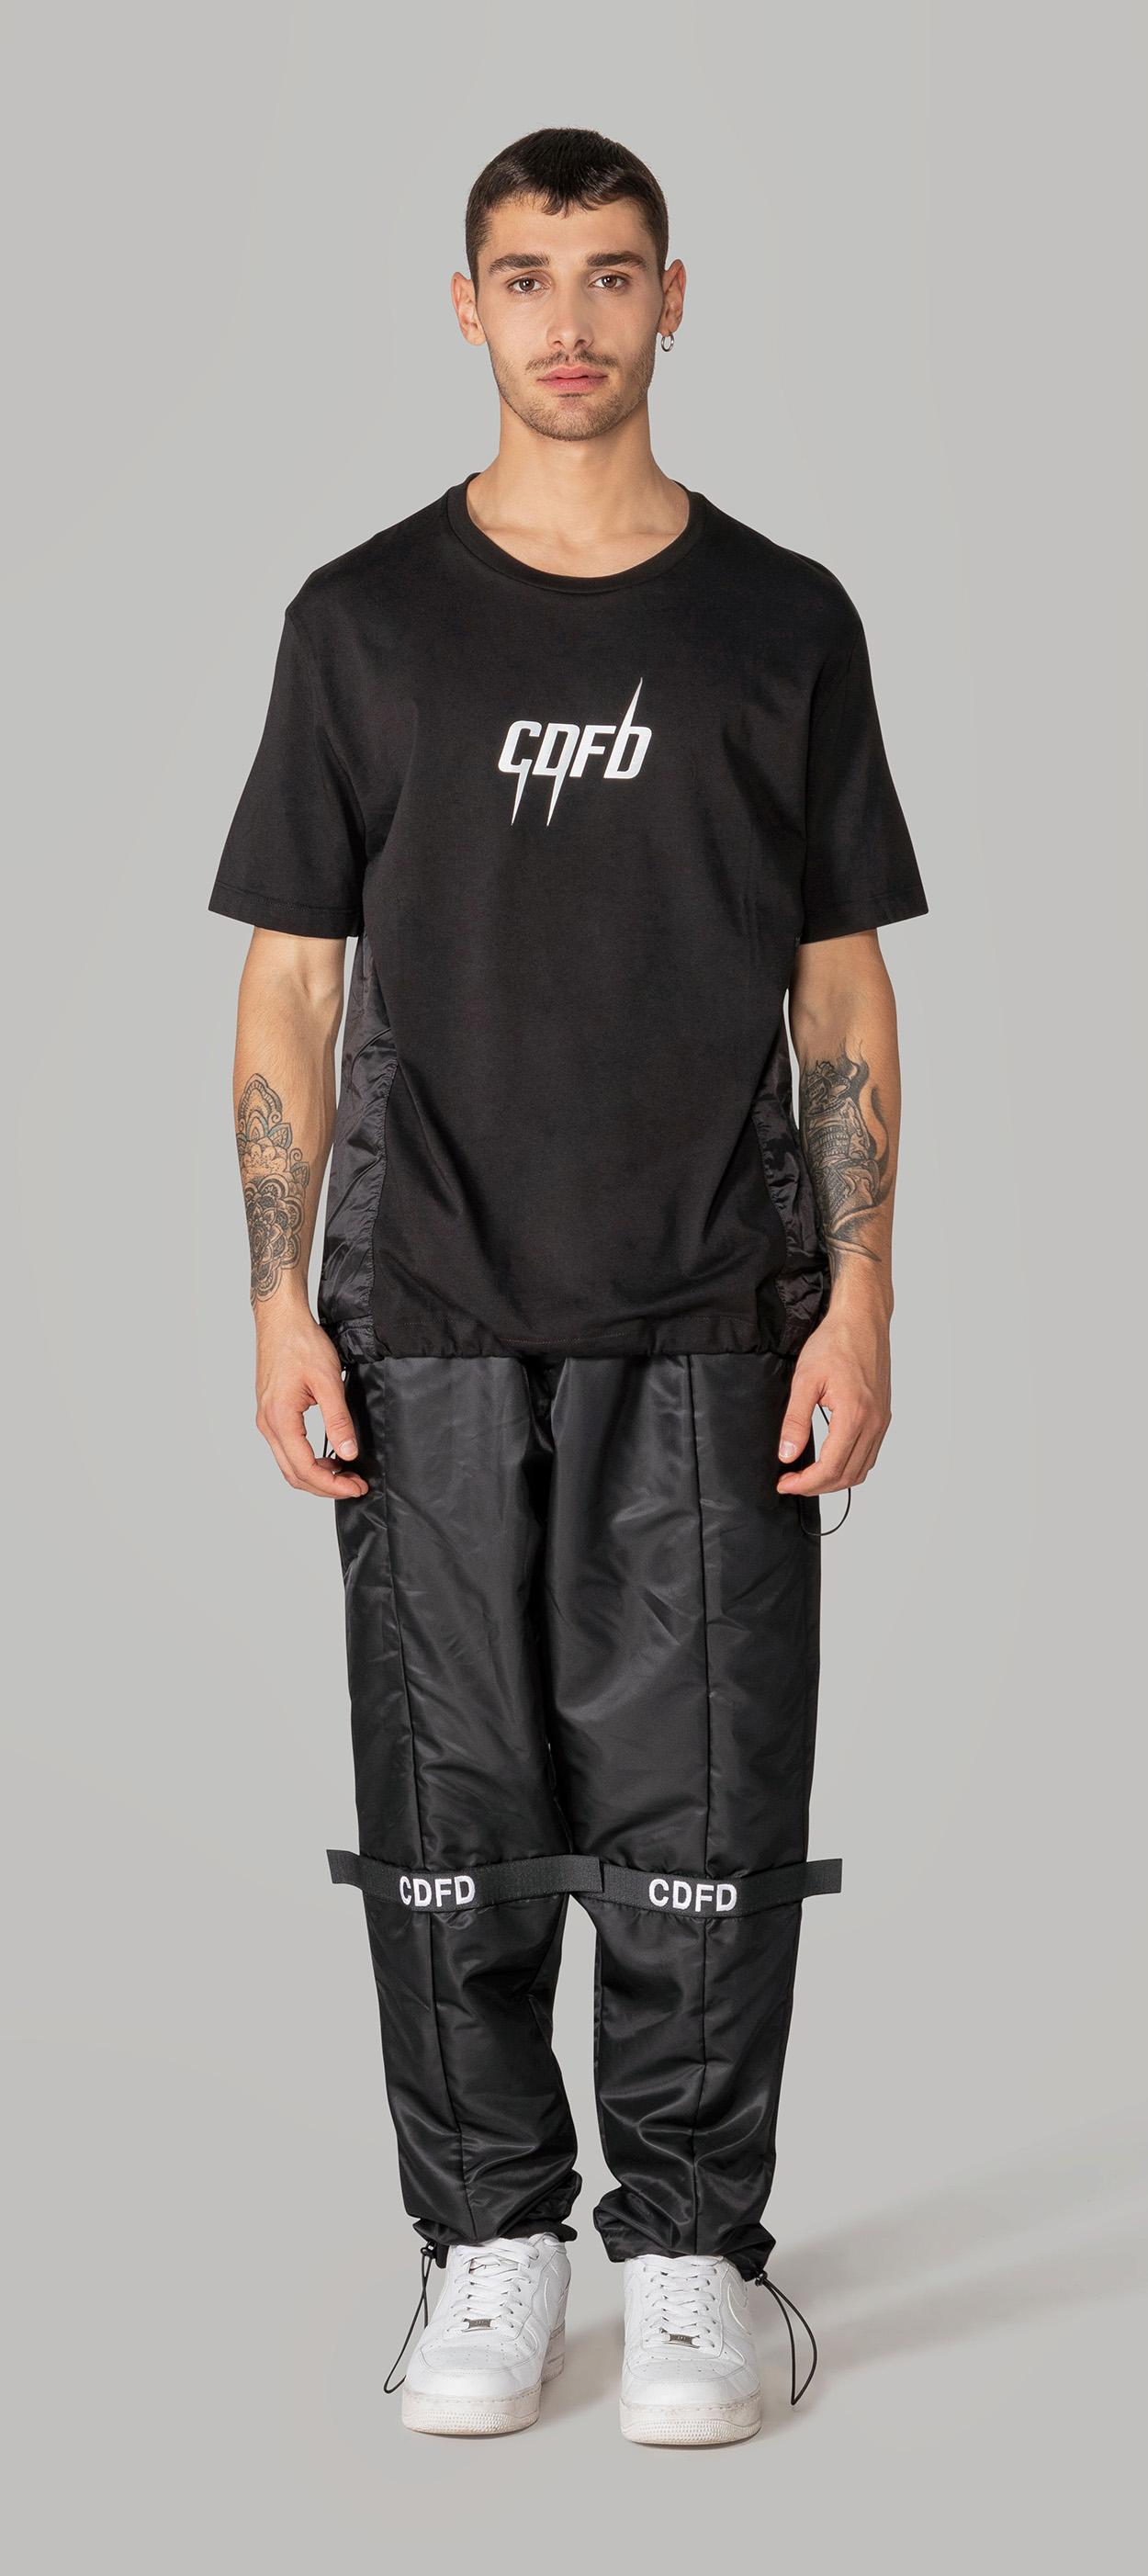 T-SHIRT - CDFU1039 - COMME DES FKDOWN